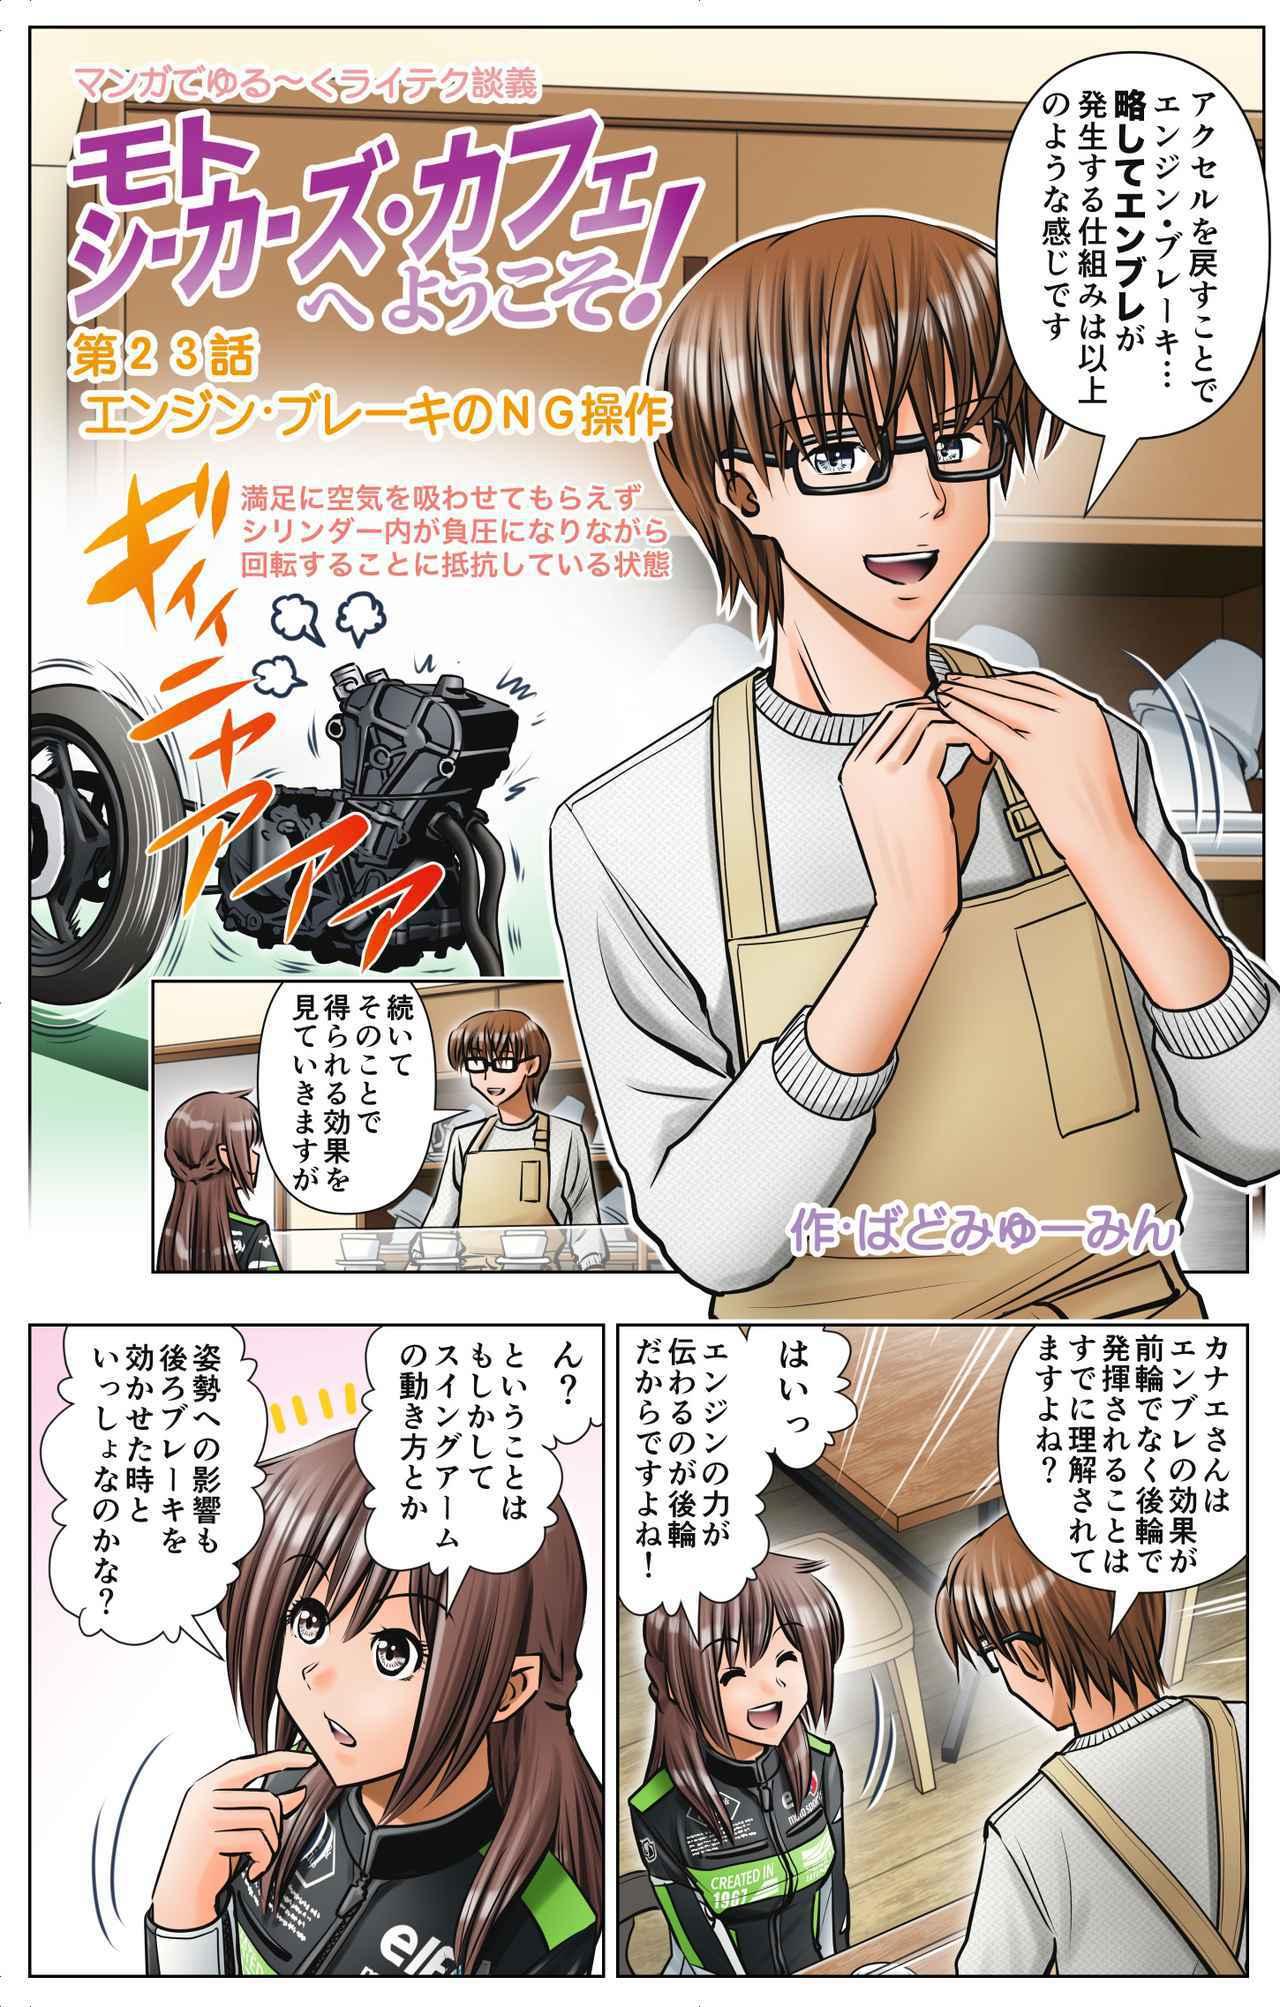 画像1: 第23話 エンジン・ブレーキのNG操作/ゆる~くライテク談義『モトシーカーズ・カフェへようこそ!』